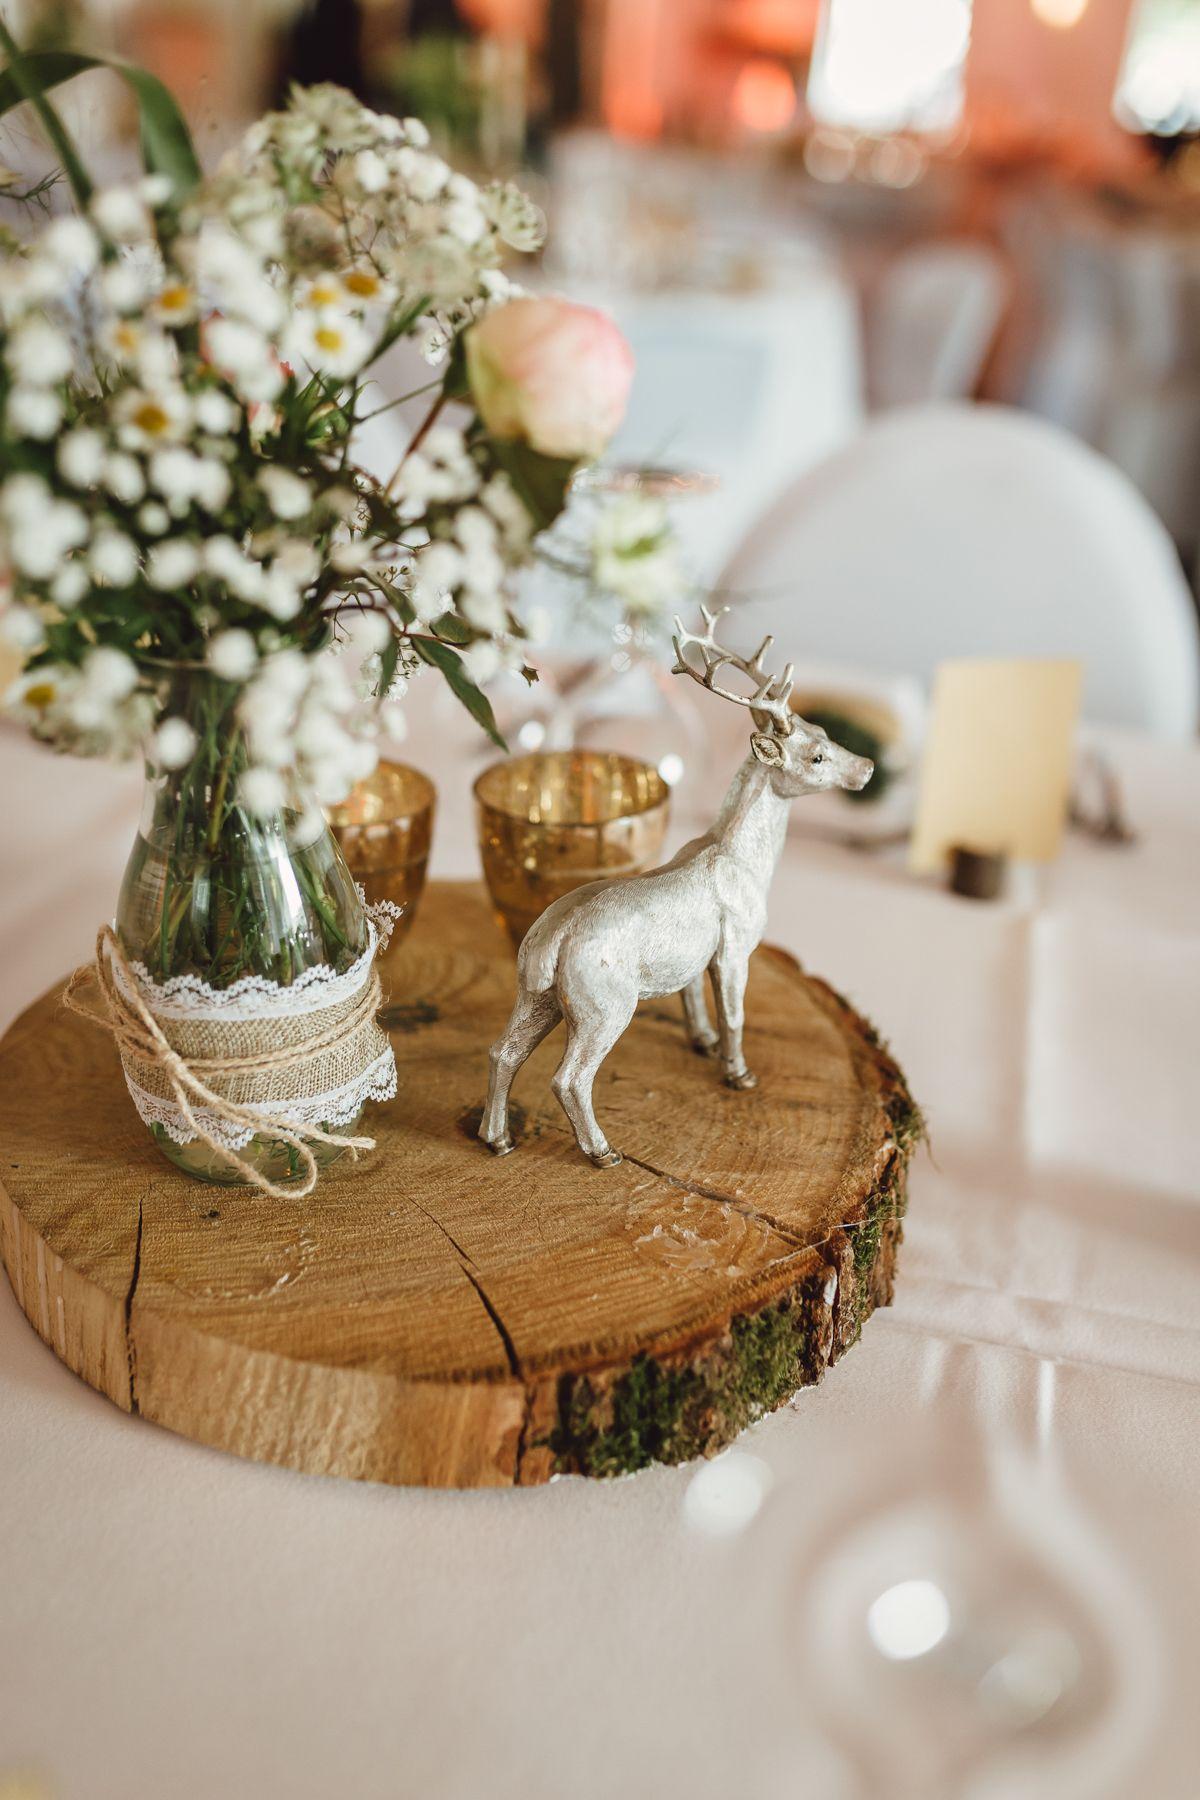 rustikale diy hochzeit mit wald und hirschmotiv tischdekoration hochzeit i wedding tablescape. Black Bedroom Furniture Sets. Home Design Ideas